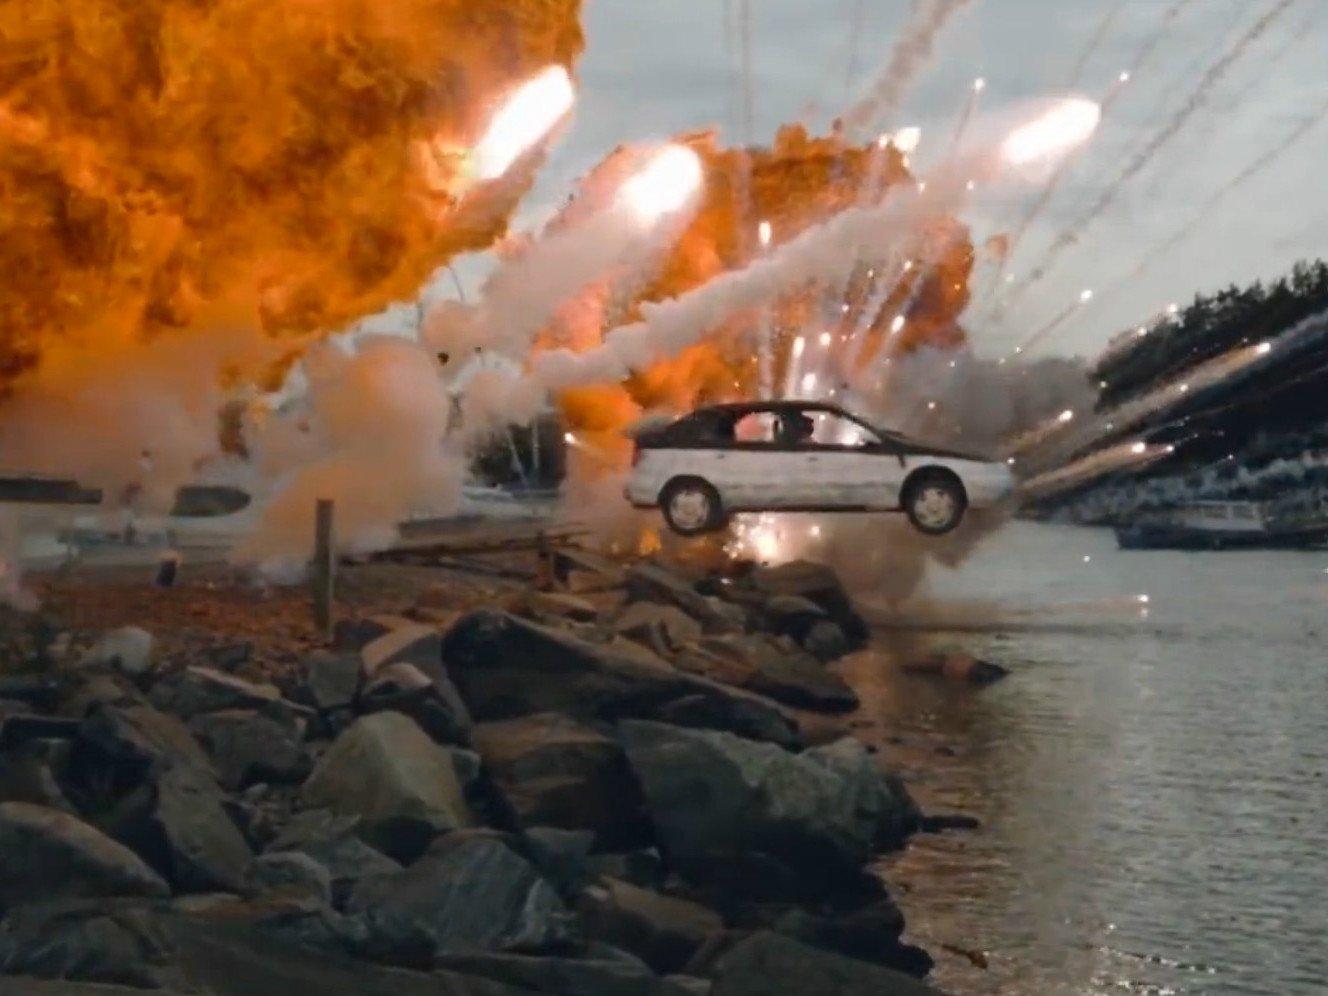 科瓦莱宁居然把桥炸了